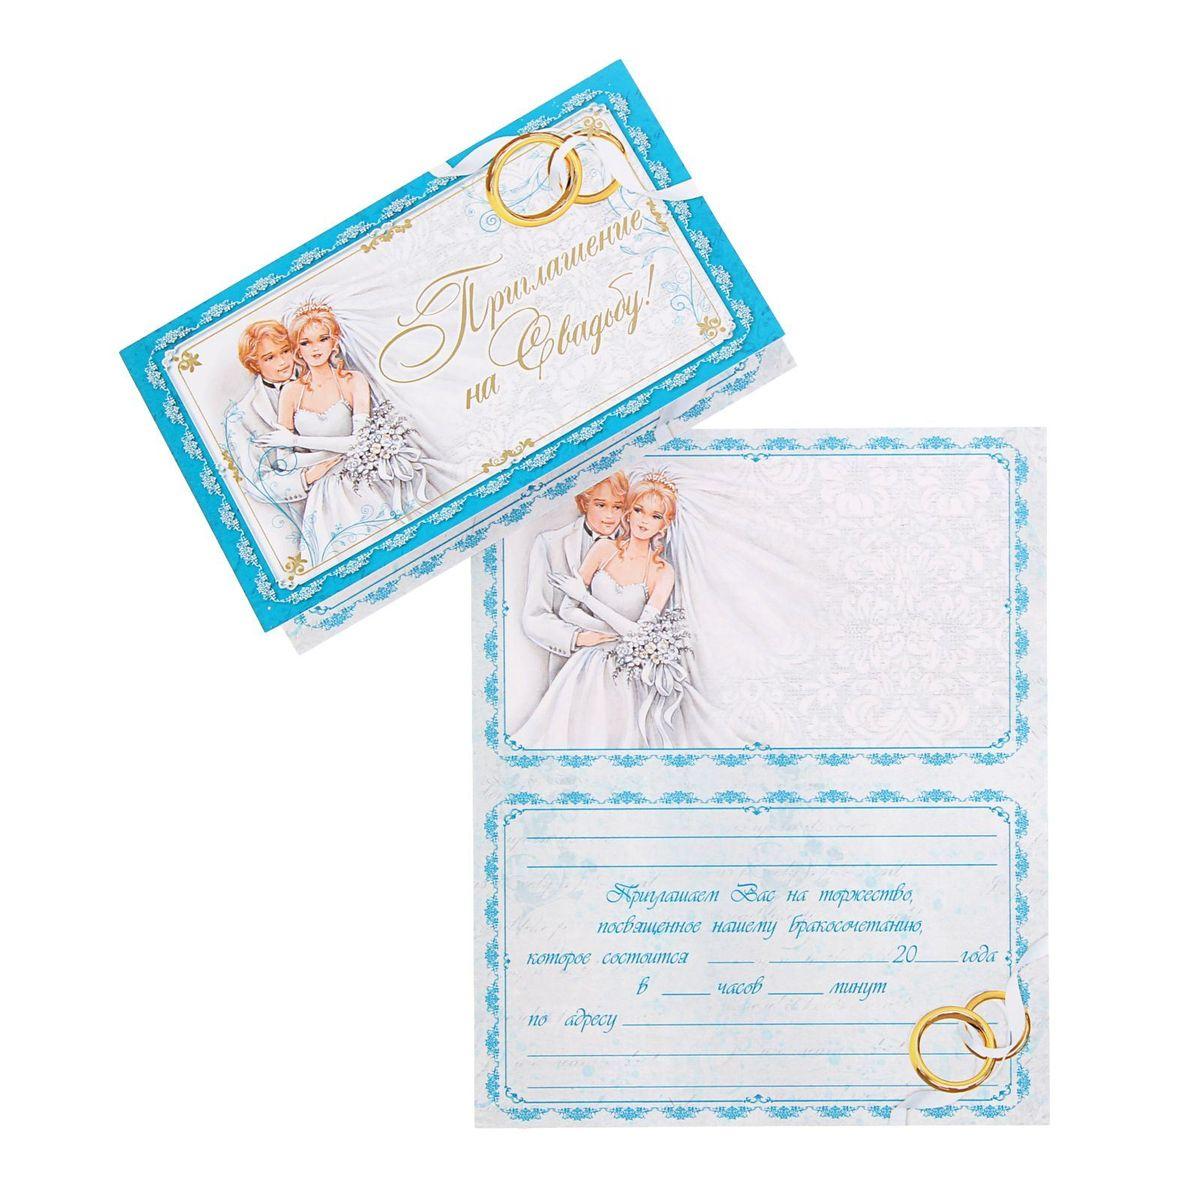 Приглашение на свадьбу Русский дизайн Кольца, 17 х 14 см приглашение на свадьбу с тиснением золотом кольца